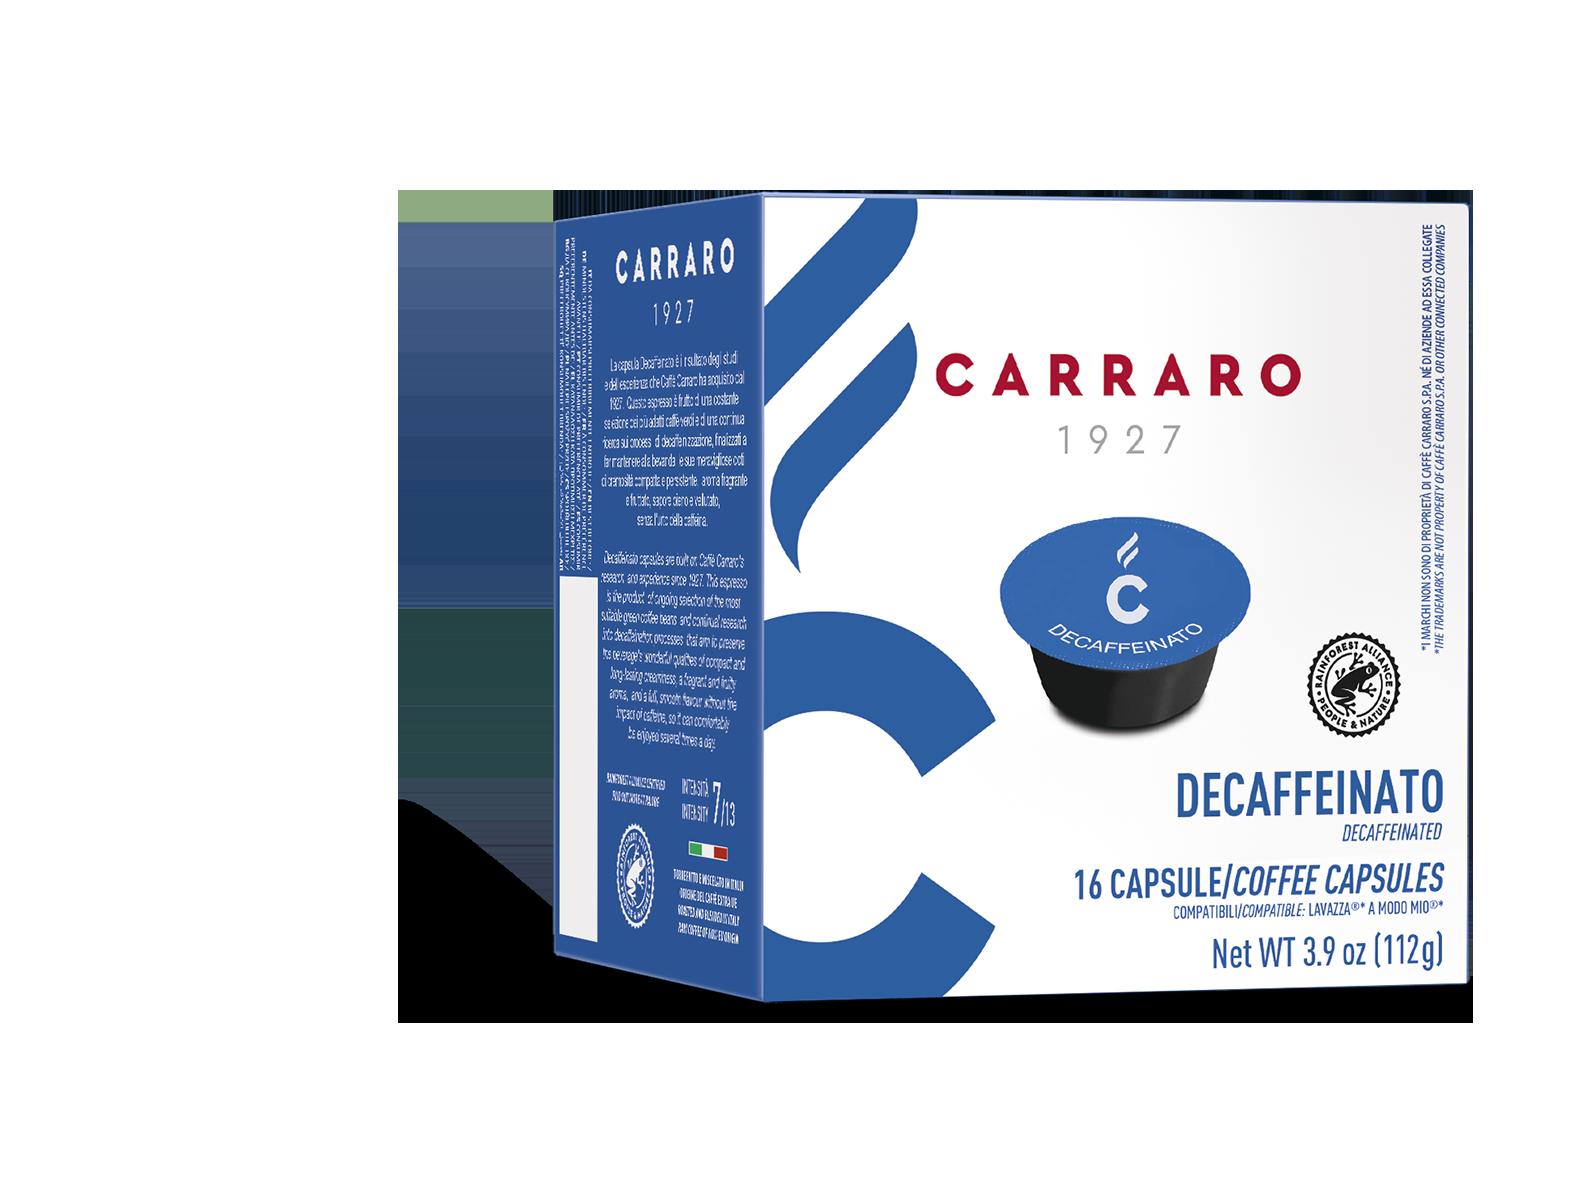 Decaffeinato – 16 capsules